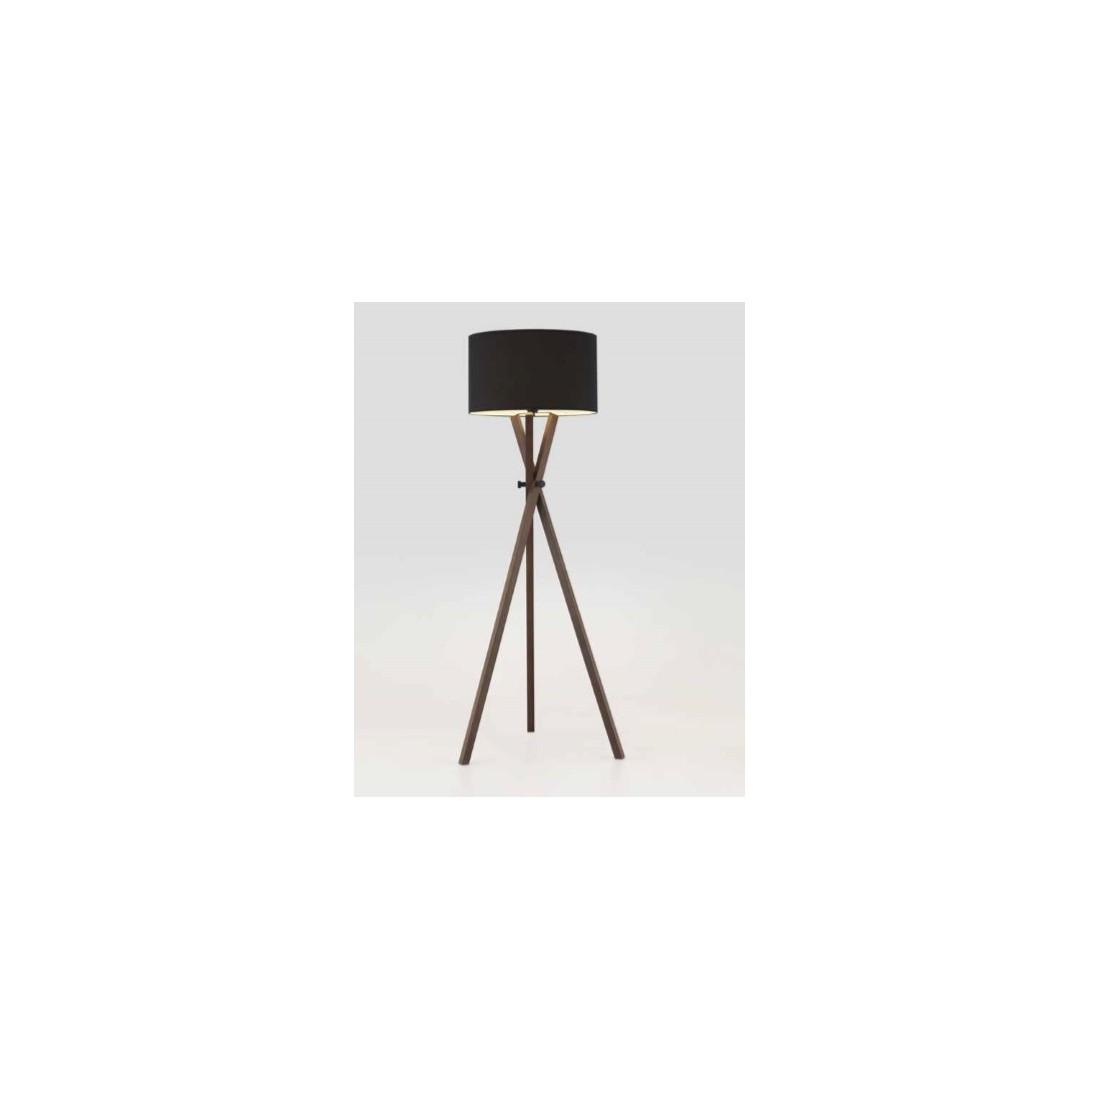 Lamparas Para Baños Minimalistas:Lámpara de Sobremesa de Acero Negra, Lámparas Minimalistas Ofertas